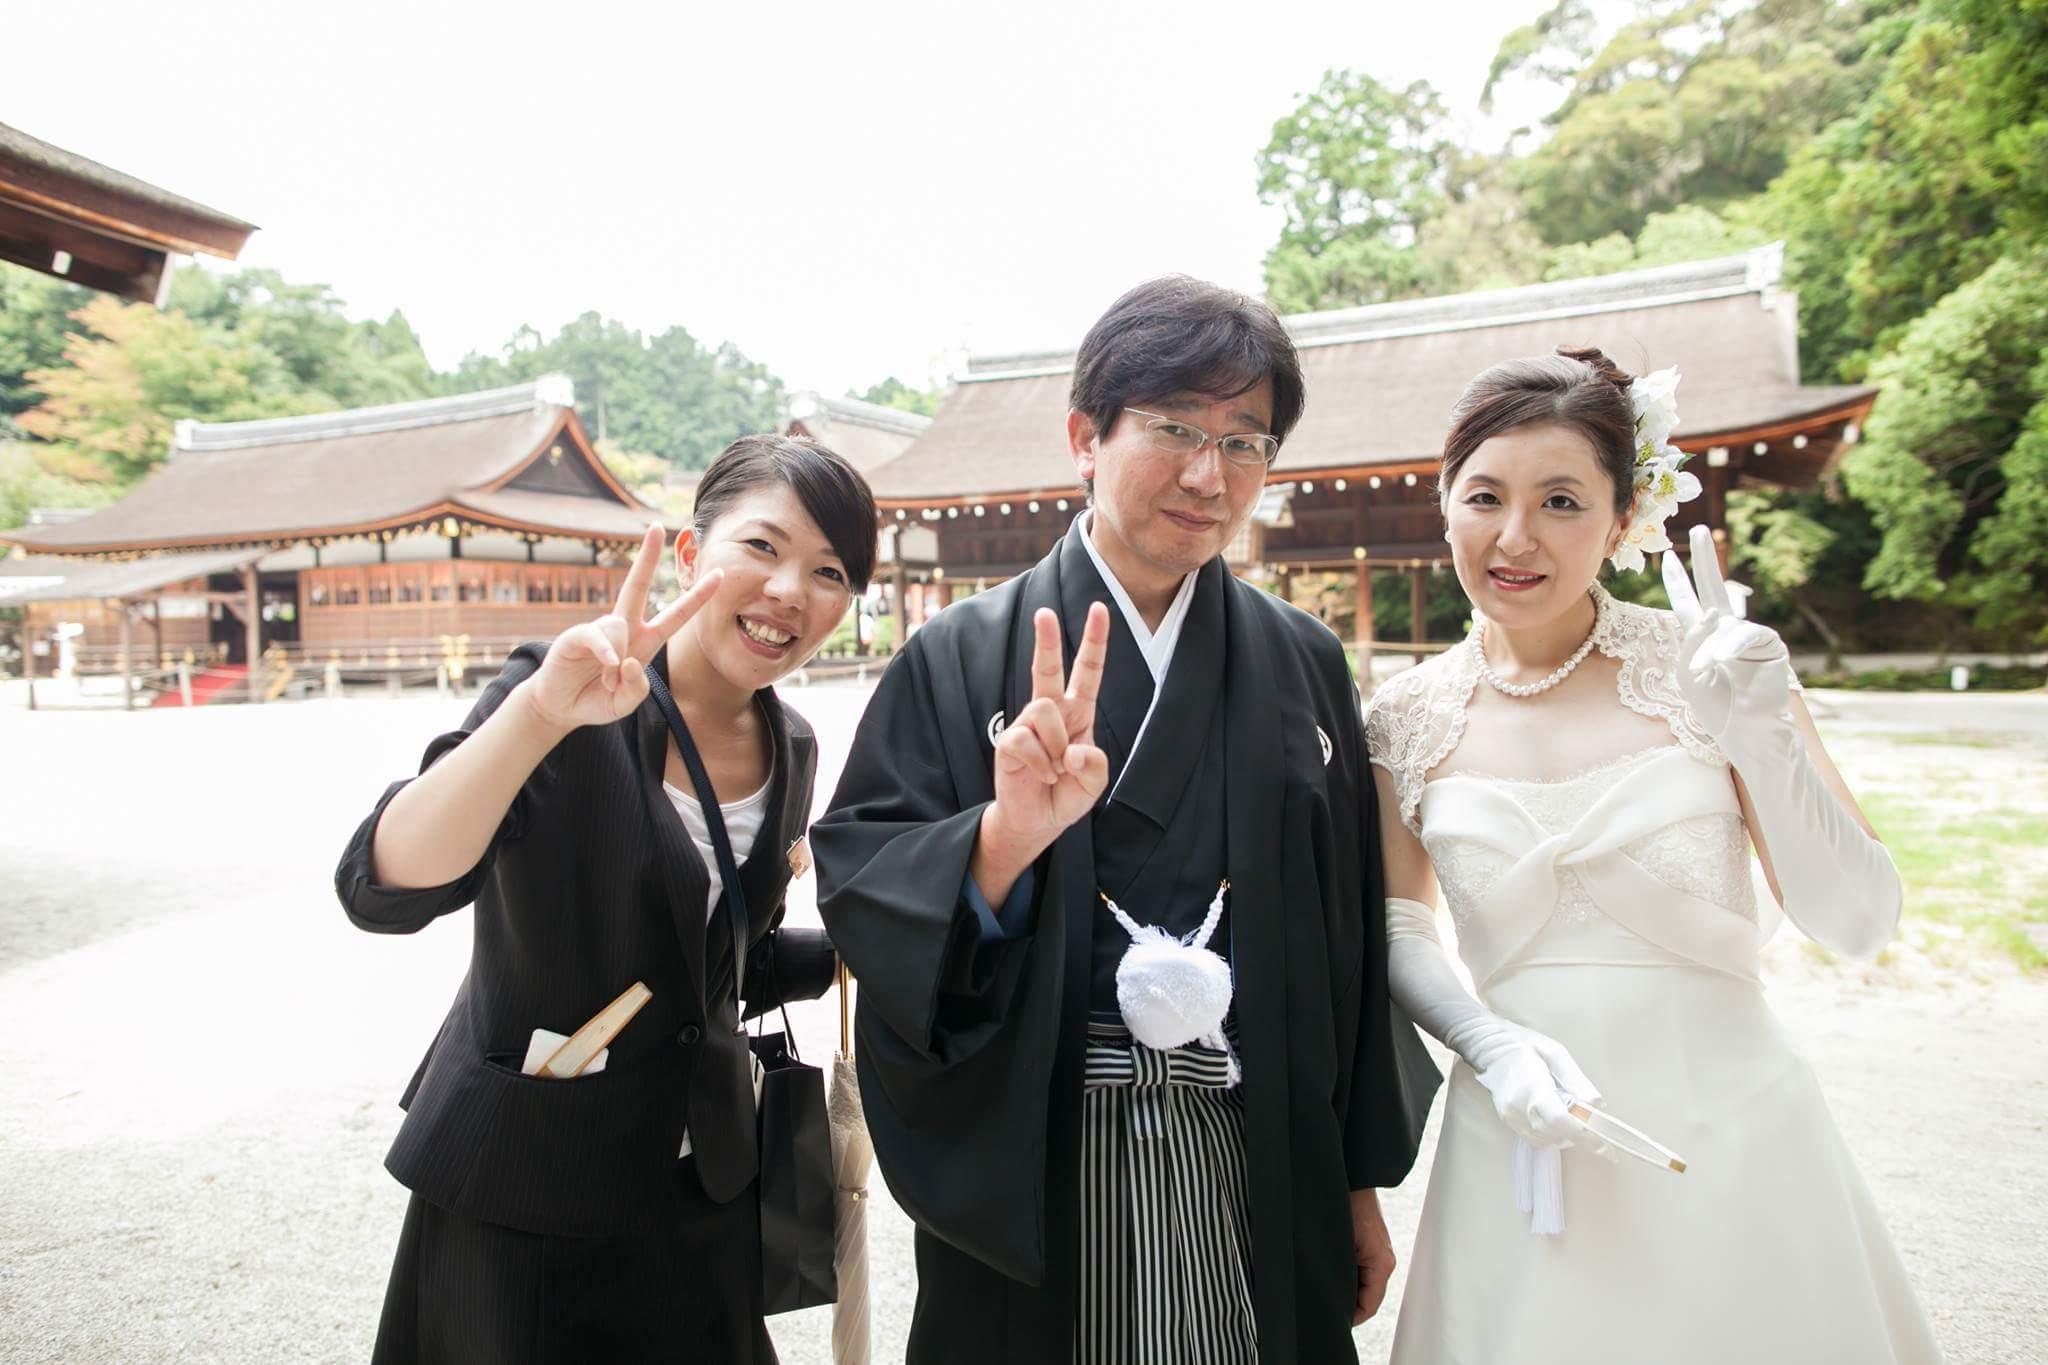 京都『汗』選手権開催?!【速報】上賀茂神社結婚式レポート!